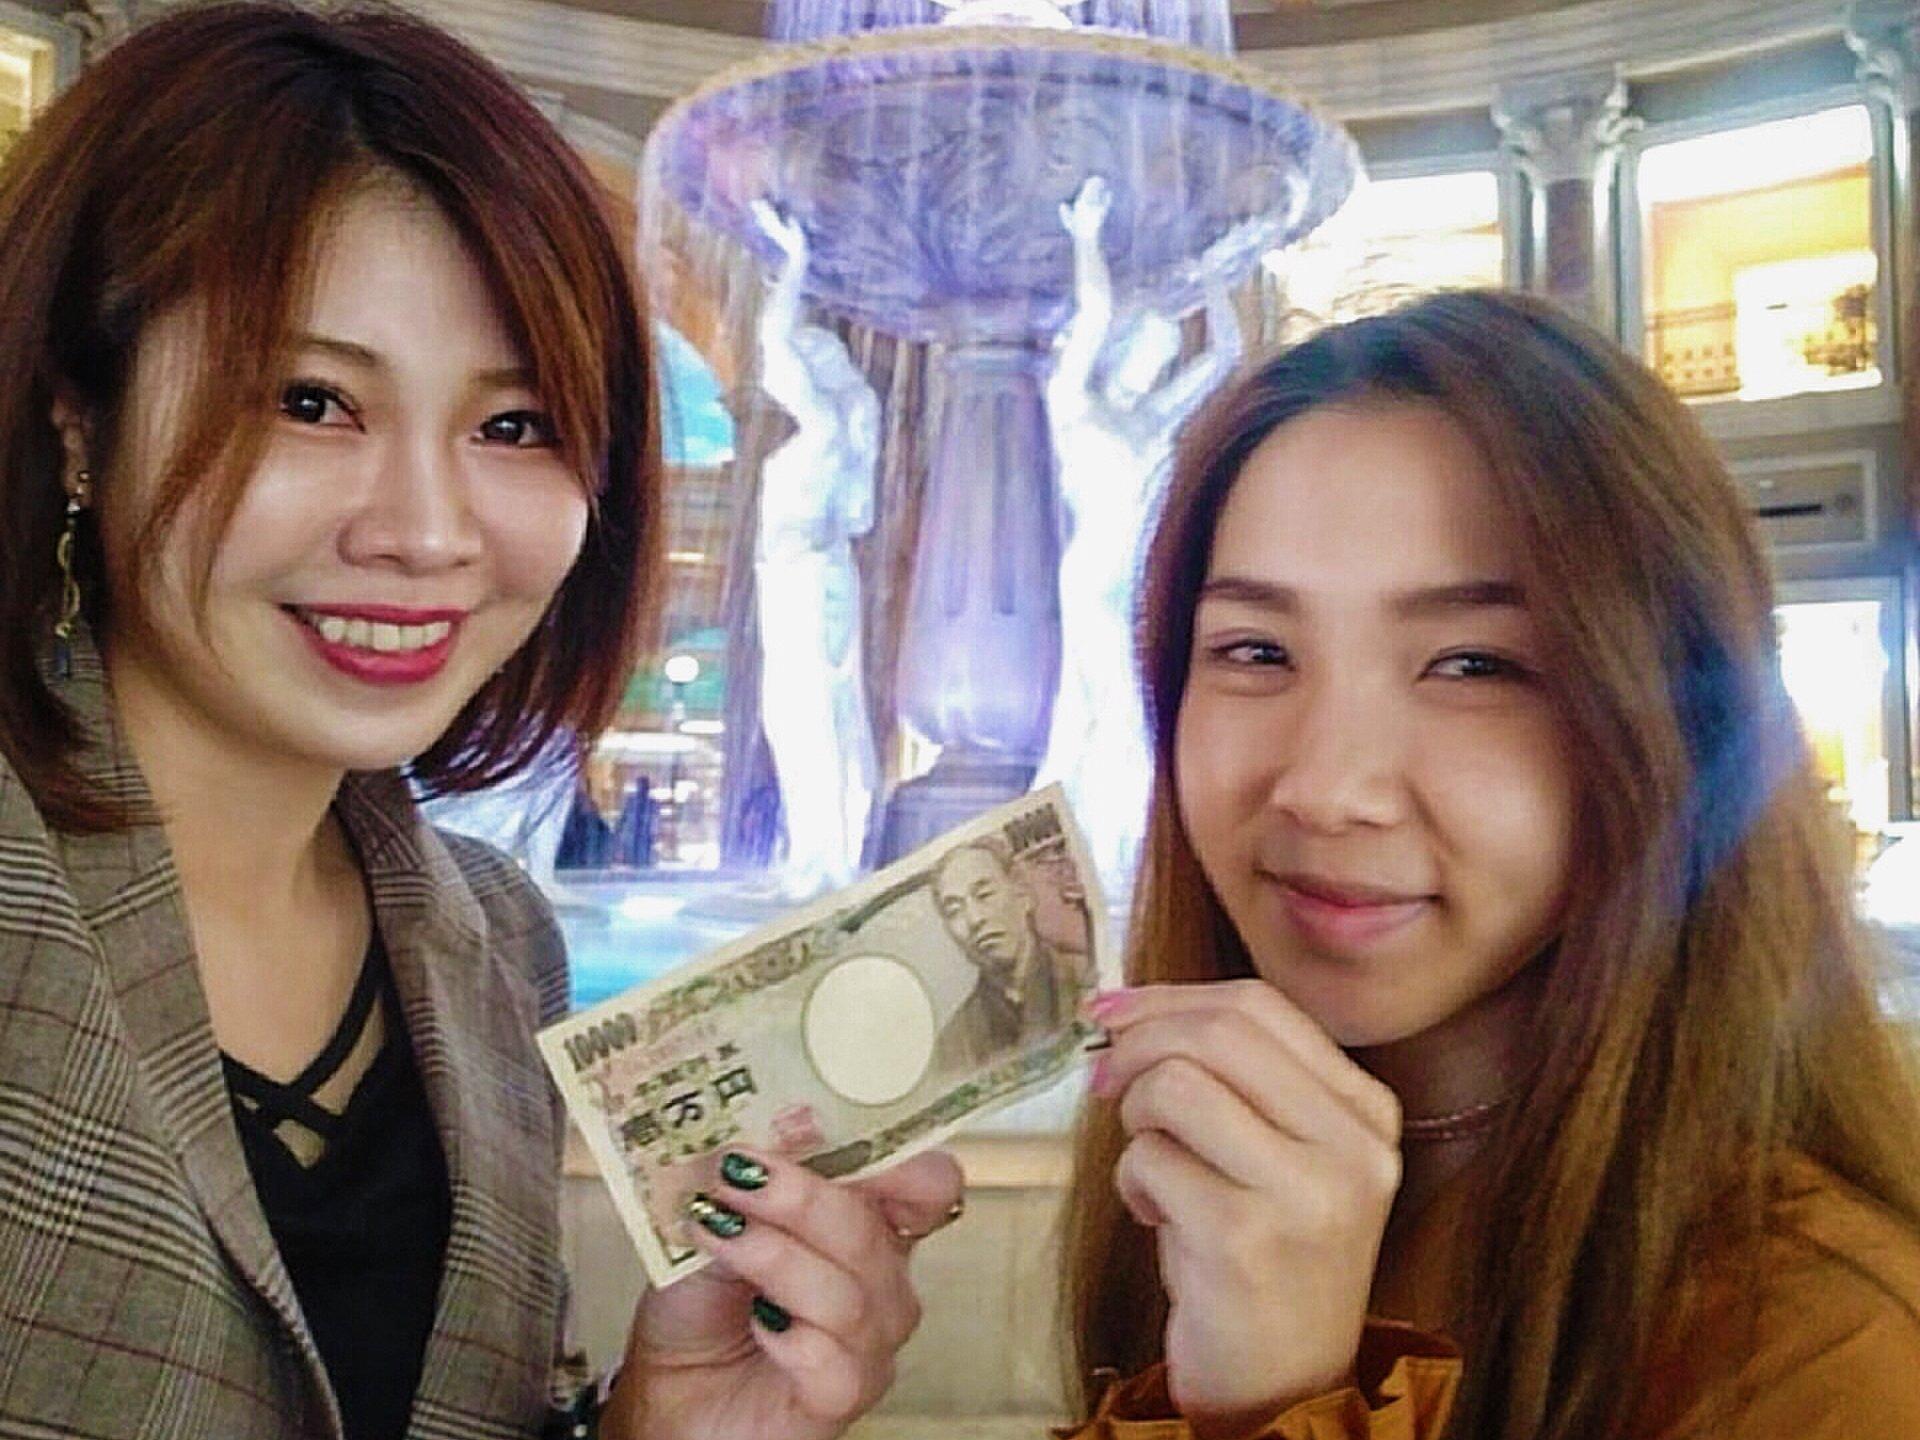 裸一万円ツアー!使い切るまで帰れま10サウザンド ~お台場編~